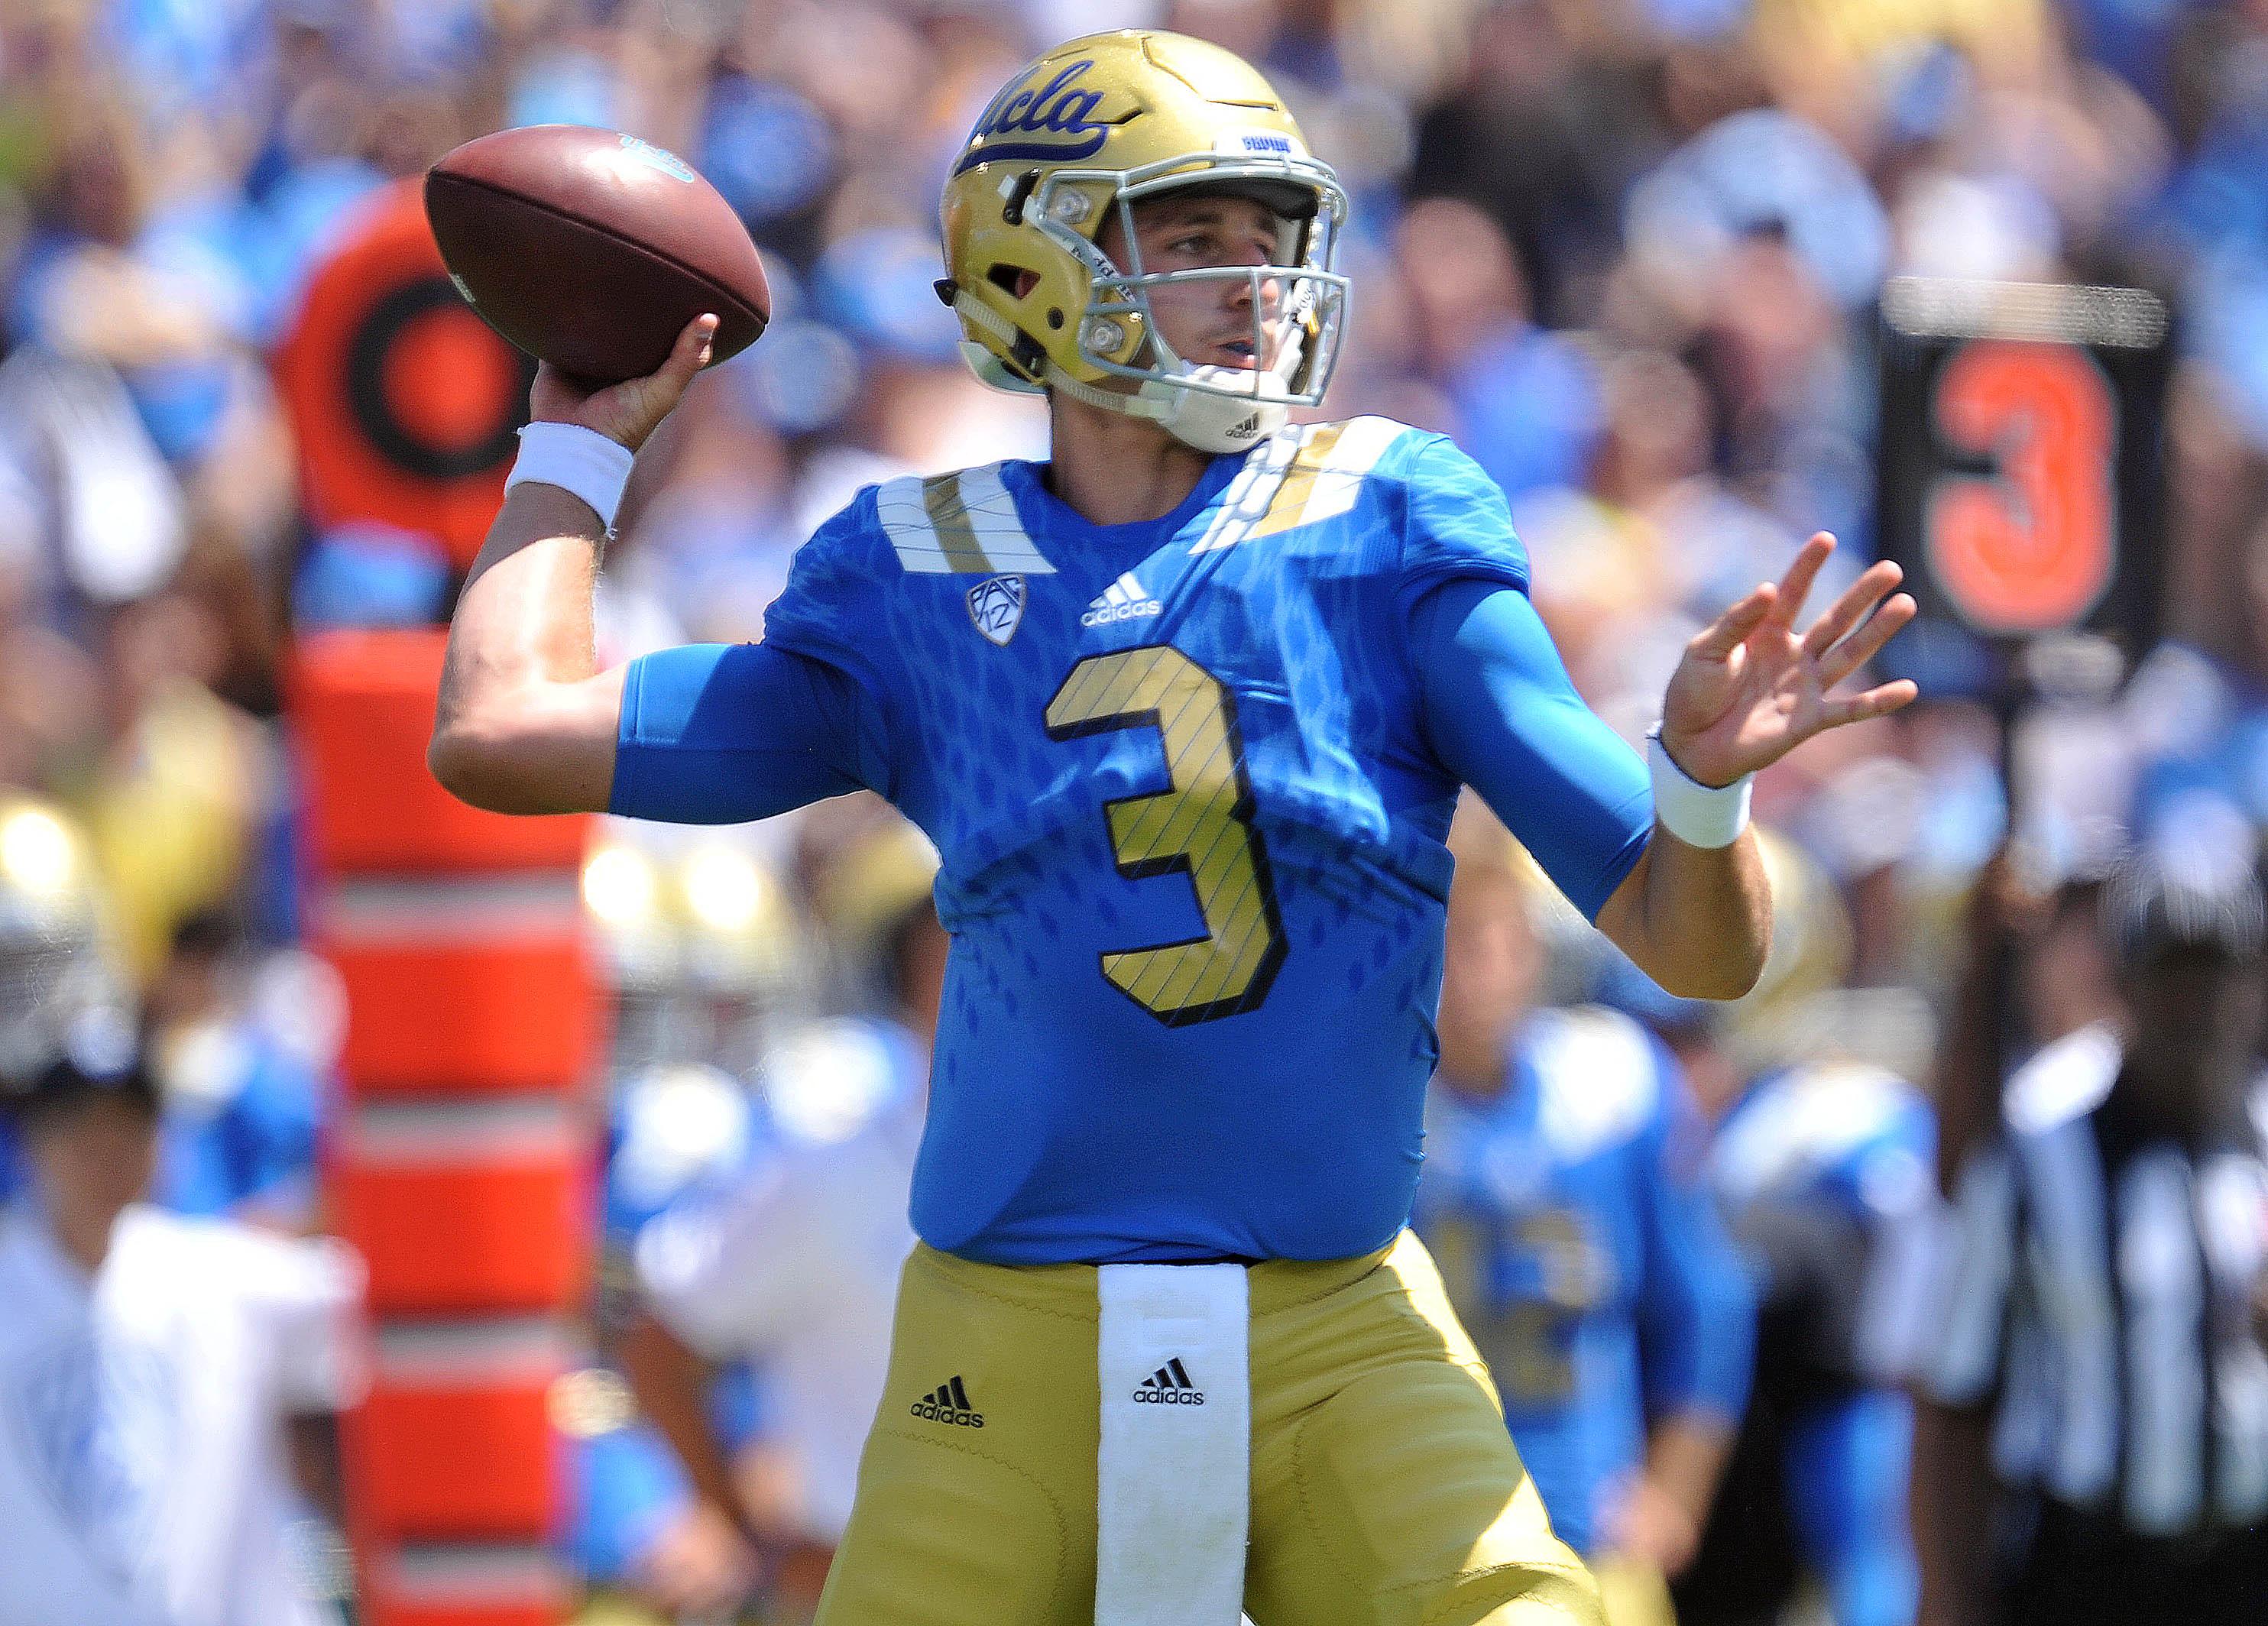 UCLA Quarterback, Josh Rosen